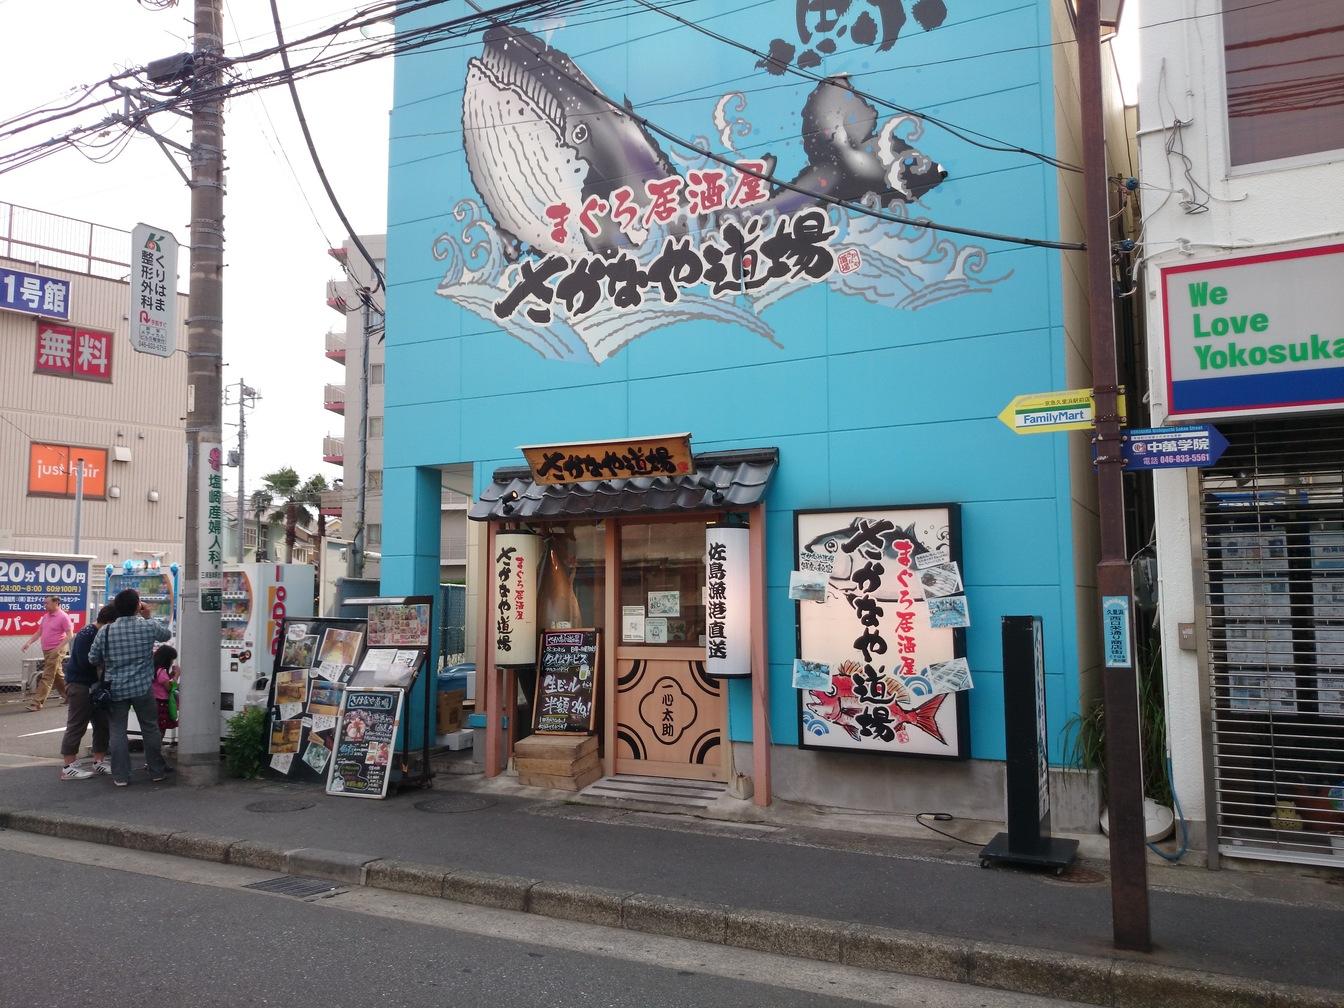 さかなや道場 京急久里浜店